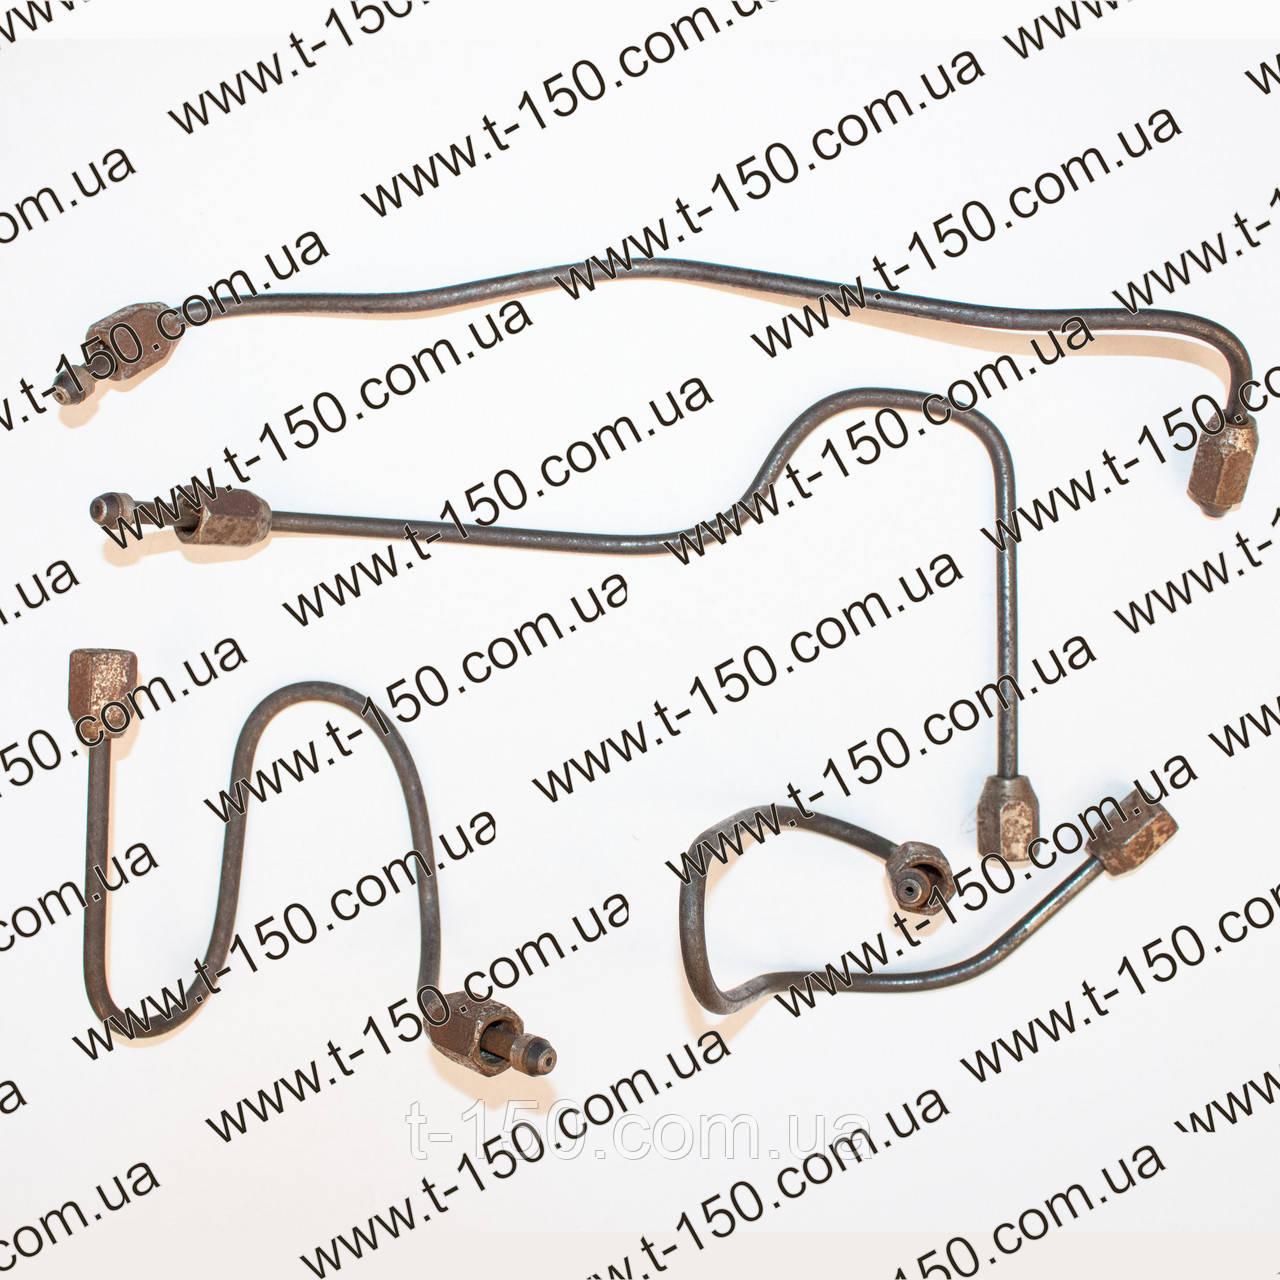 Топливопровод ВД СМД-18(к/т 4шт.) гнутые (14Н-15С3-4(С4,С5,С6))